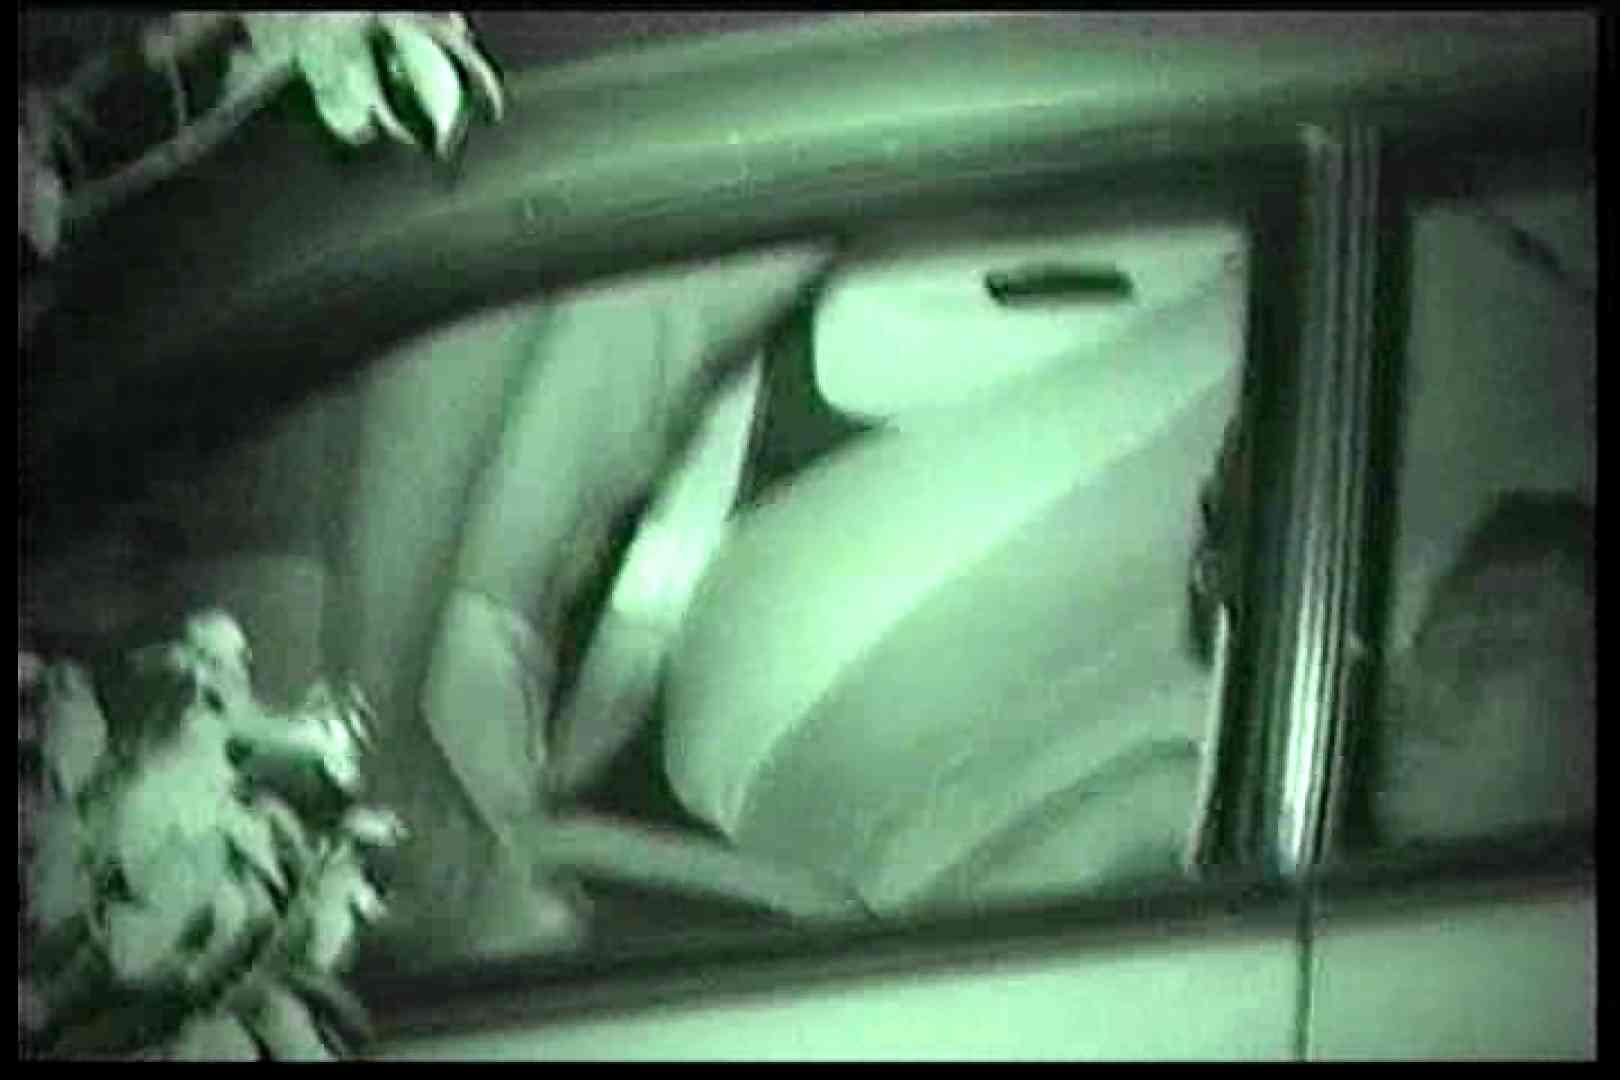 車の中はラブホテル 無修正版  Vol.11 ホテル スケベ動画紹介 86画像 20